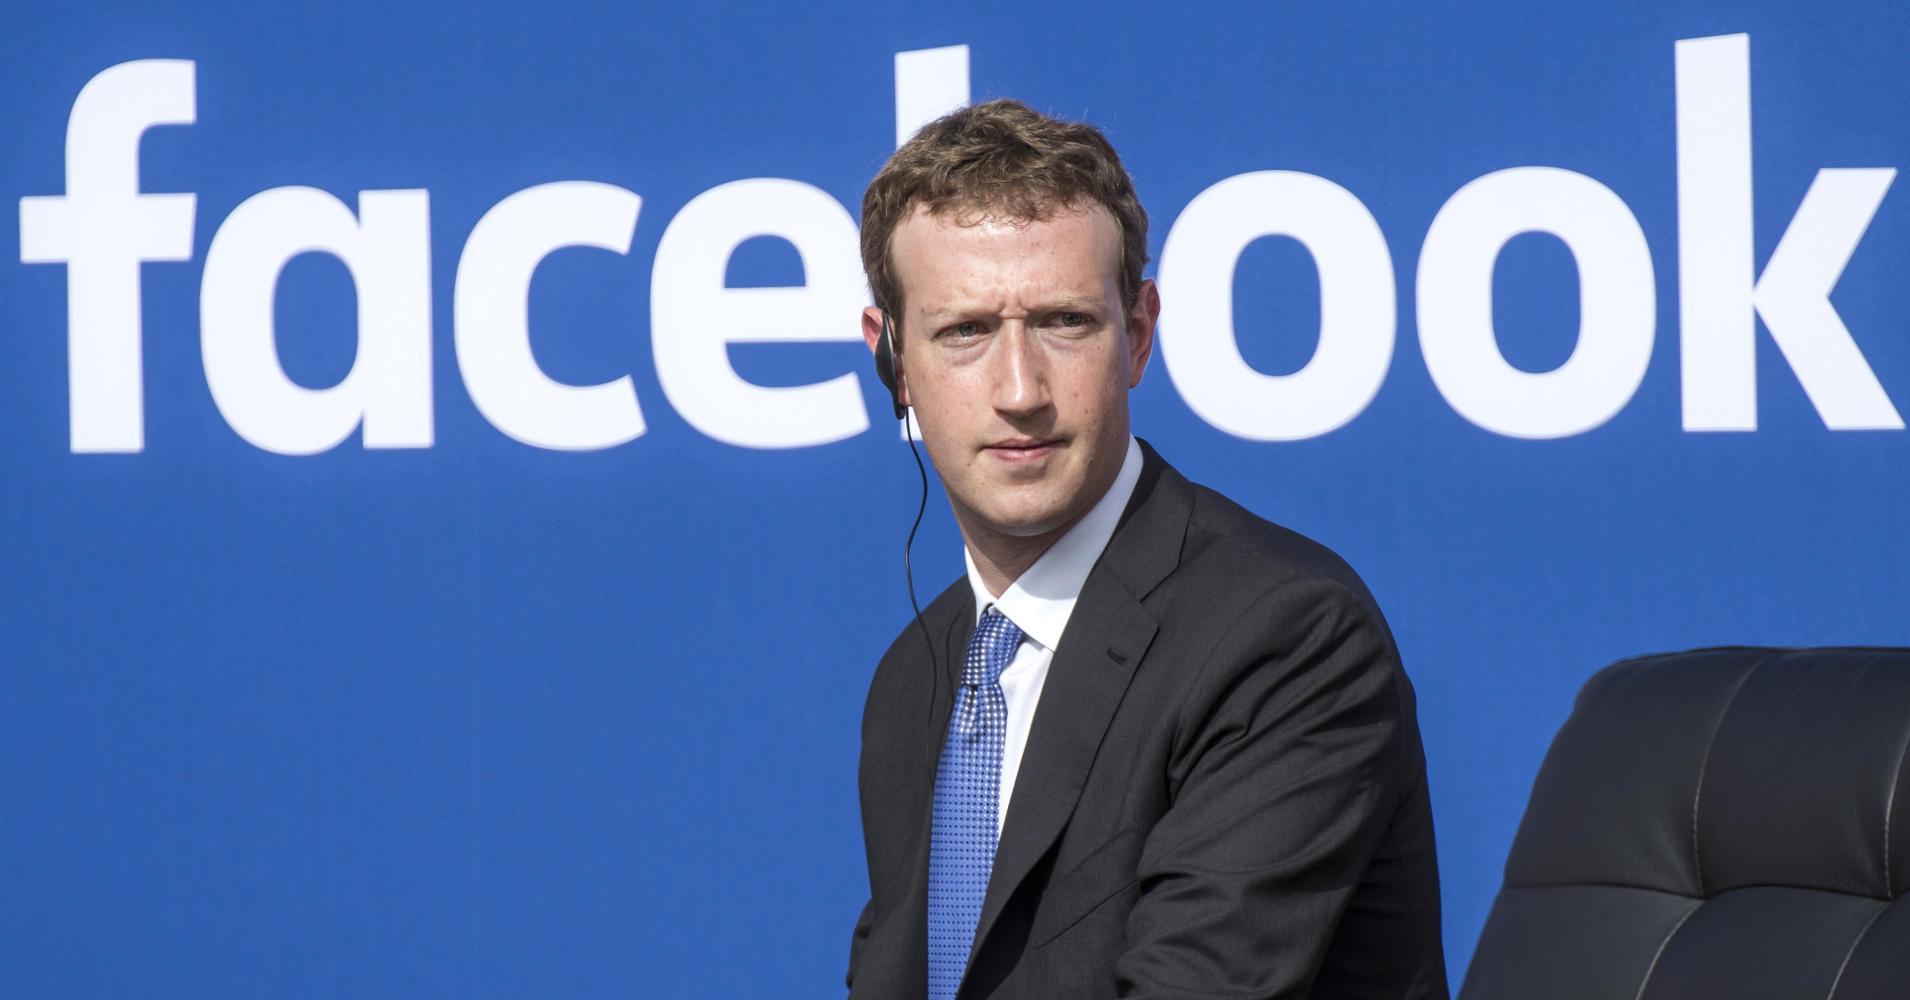 facebook - Media. News Corp: salgono i ricavi, restano polemiche contro social e fake news. Murdoch: credibilità ha valore economico